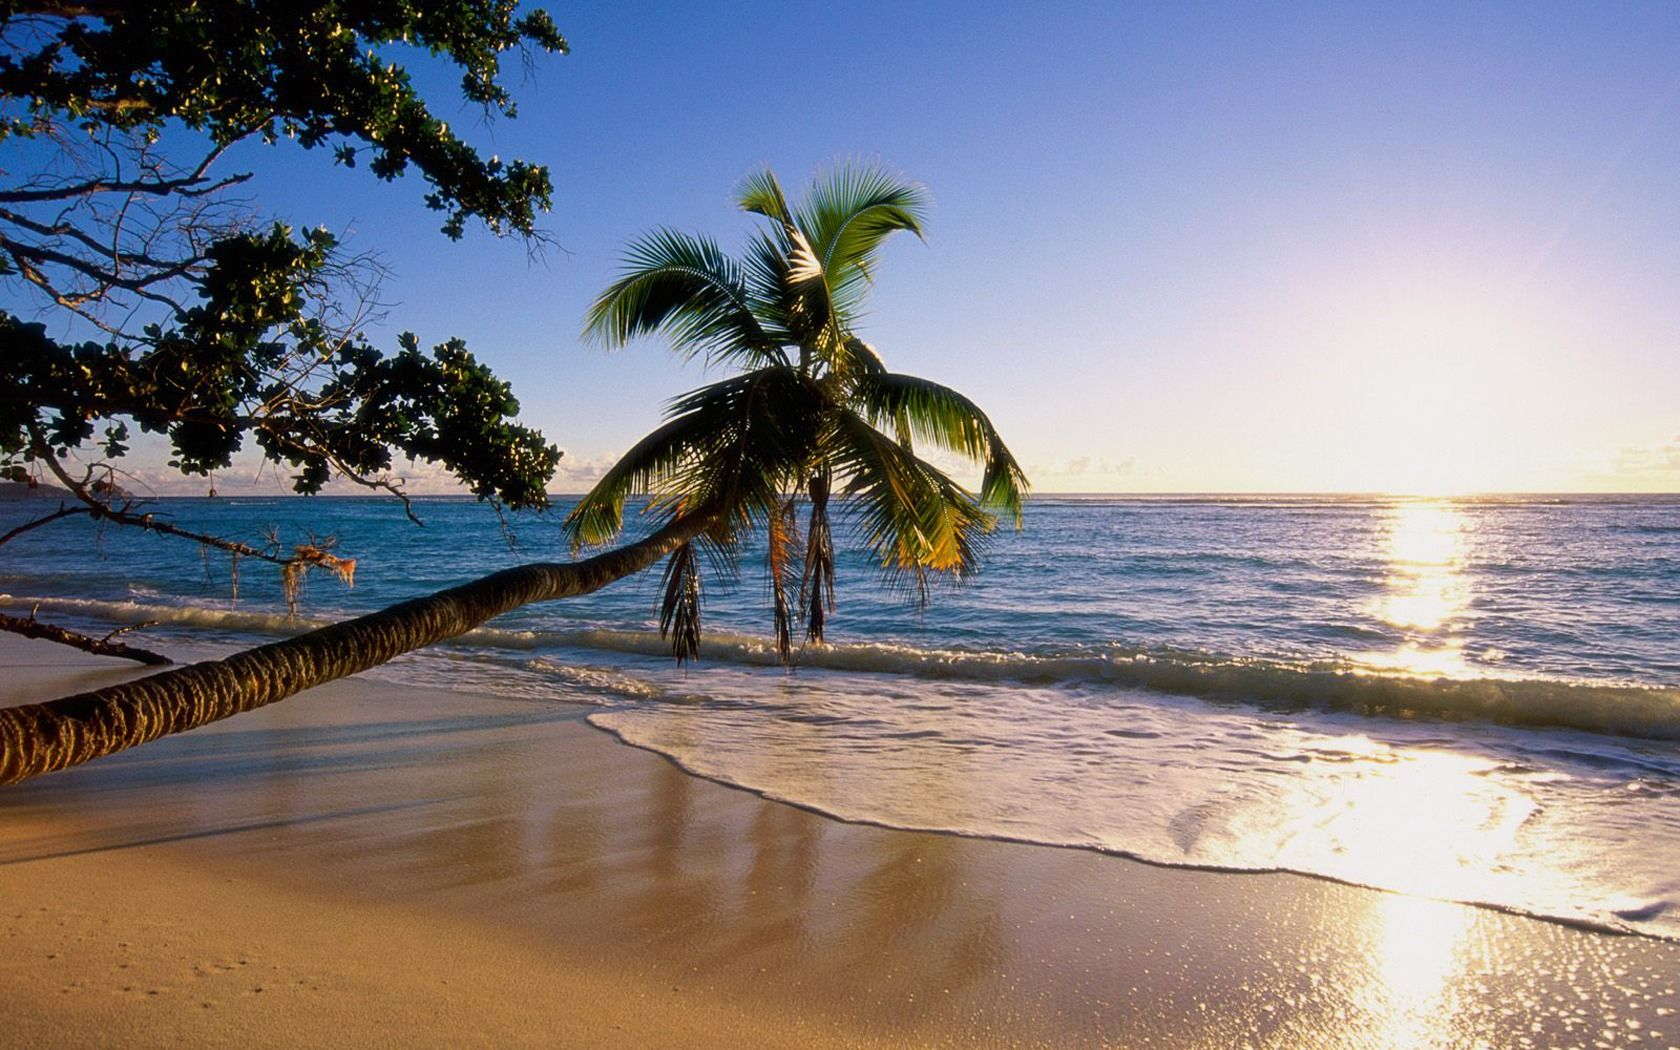 1680x1050 Bãi biển trên Đảo Silhouette, Tải xuống hình nền Seychelles 1680x1050 - Hình nền Máy tính để bàn, Hình nền có độ phân giải cao và iPhone, Tải xuống miễn phí